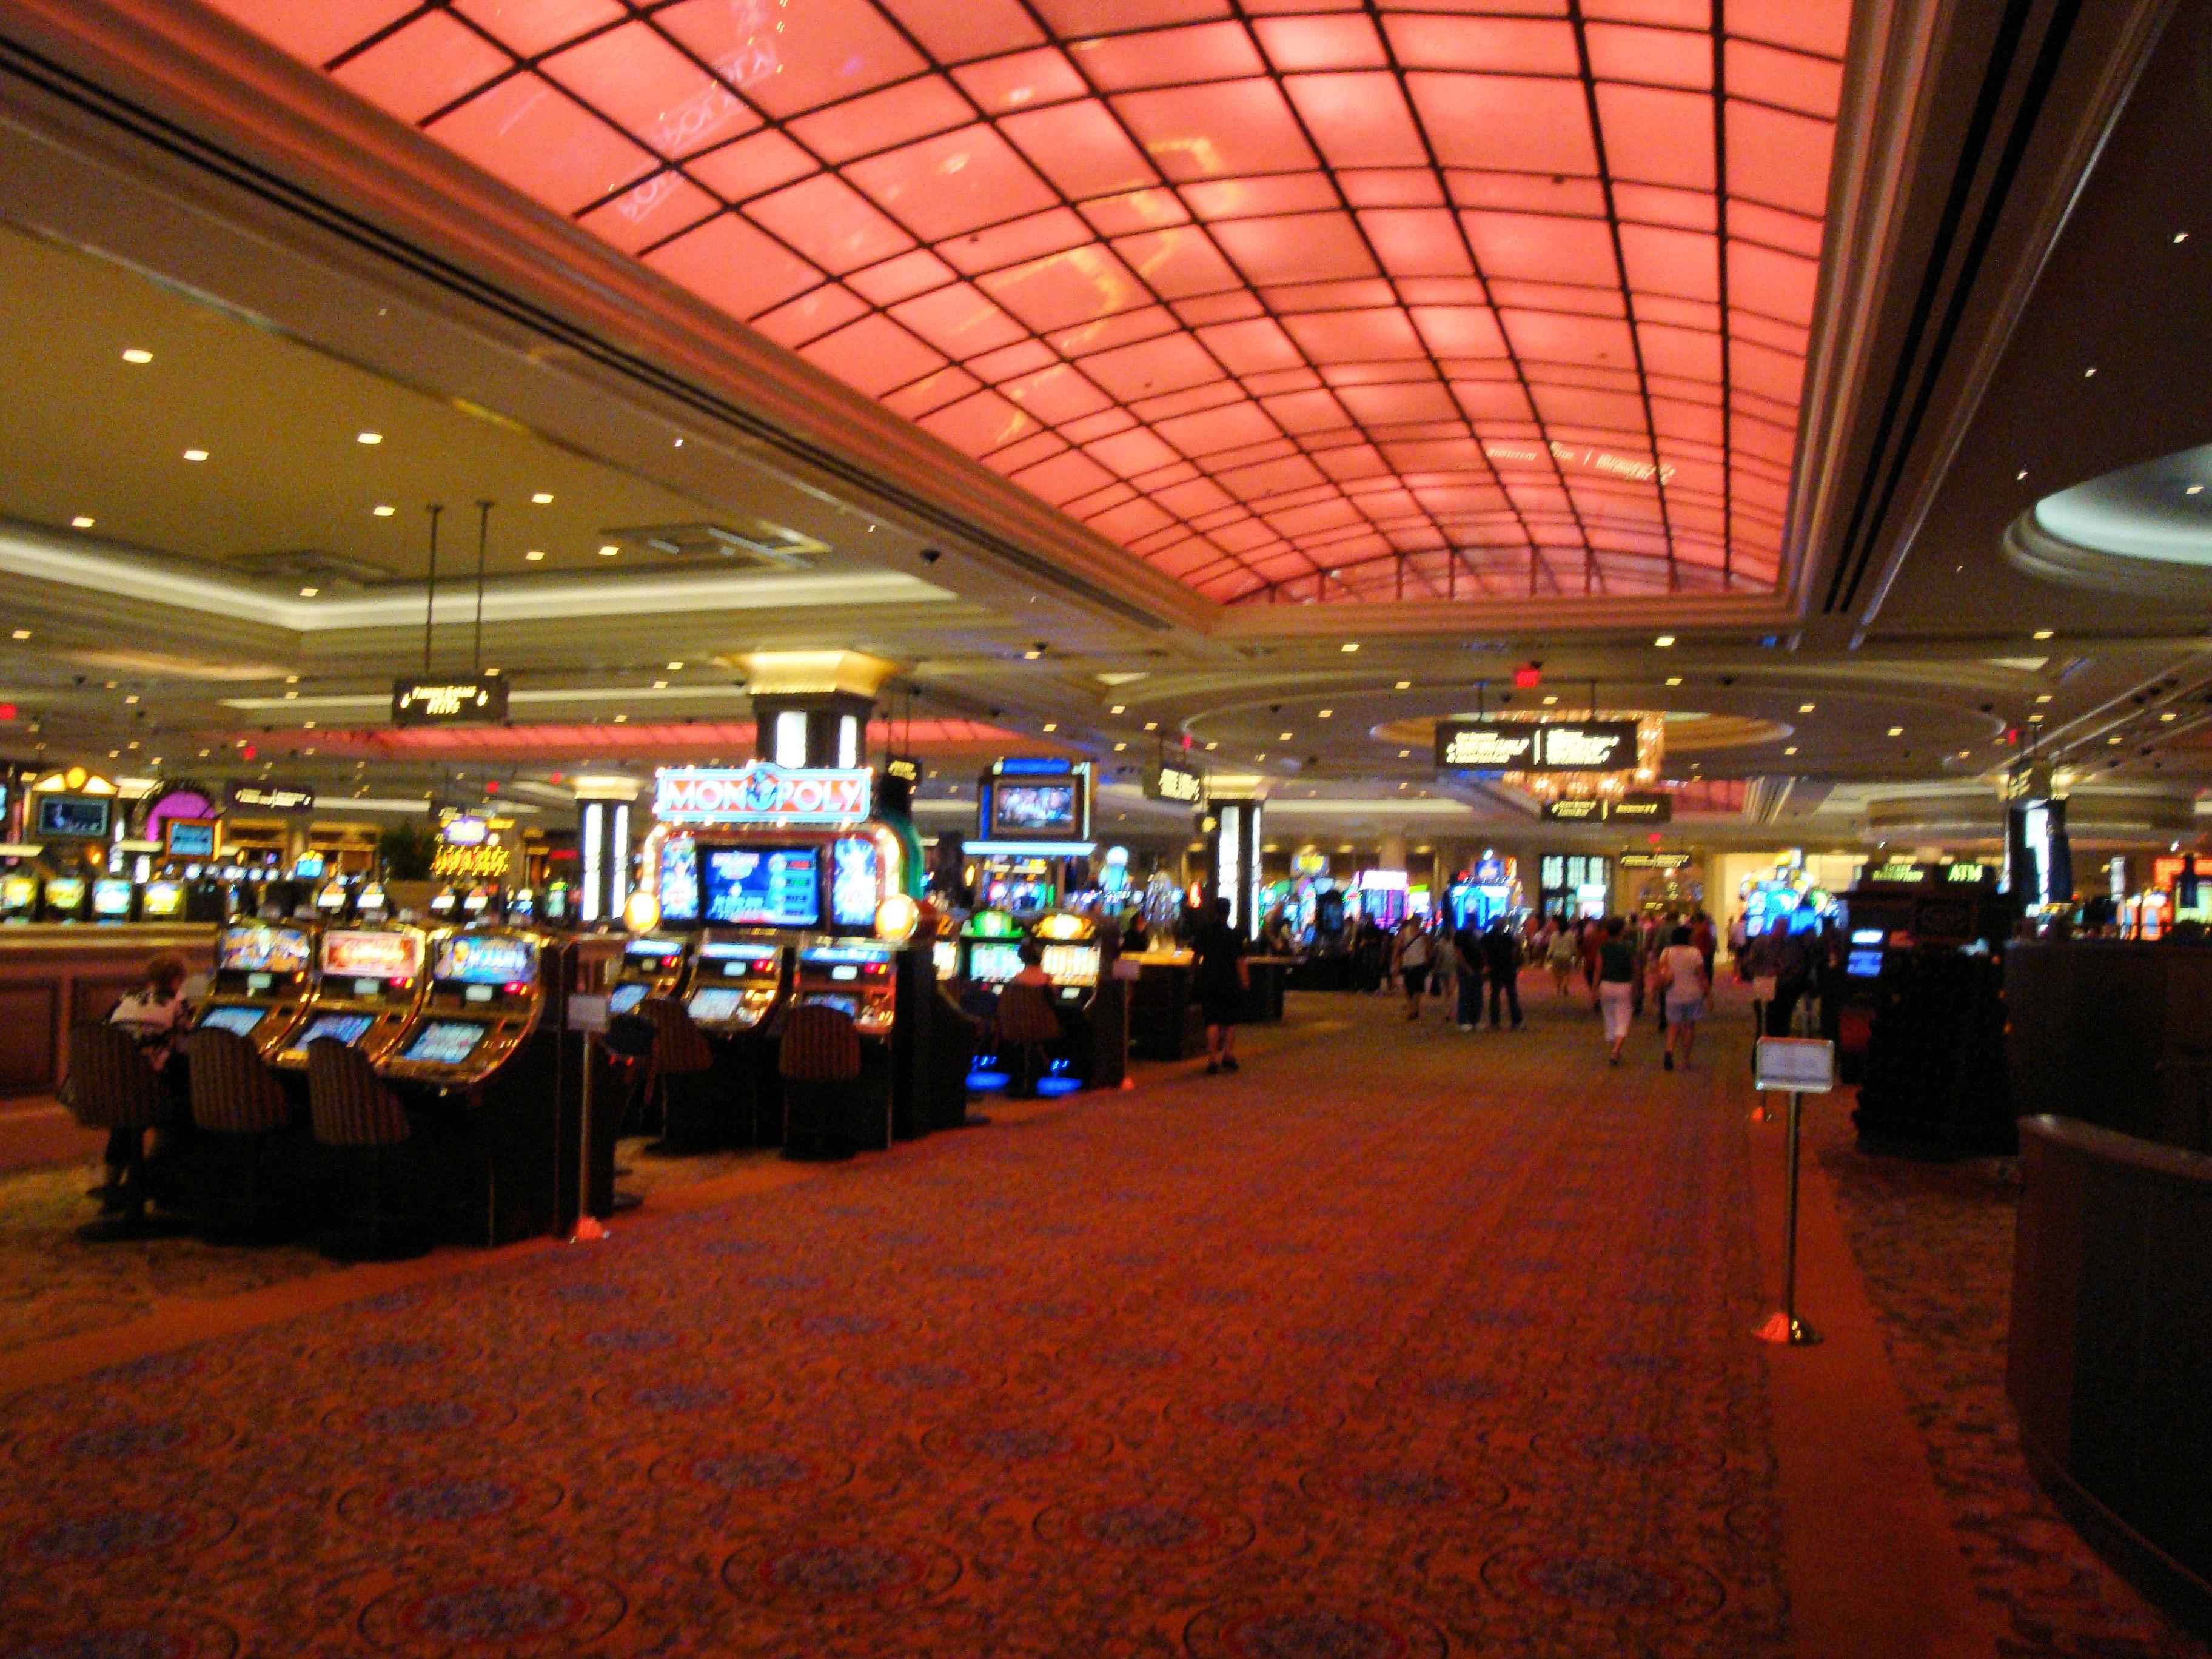 palazzo las vegas casino